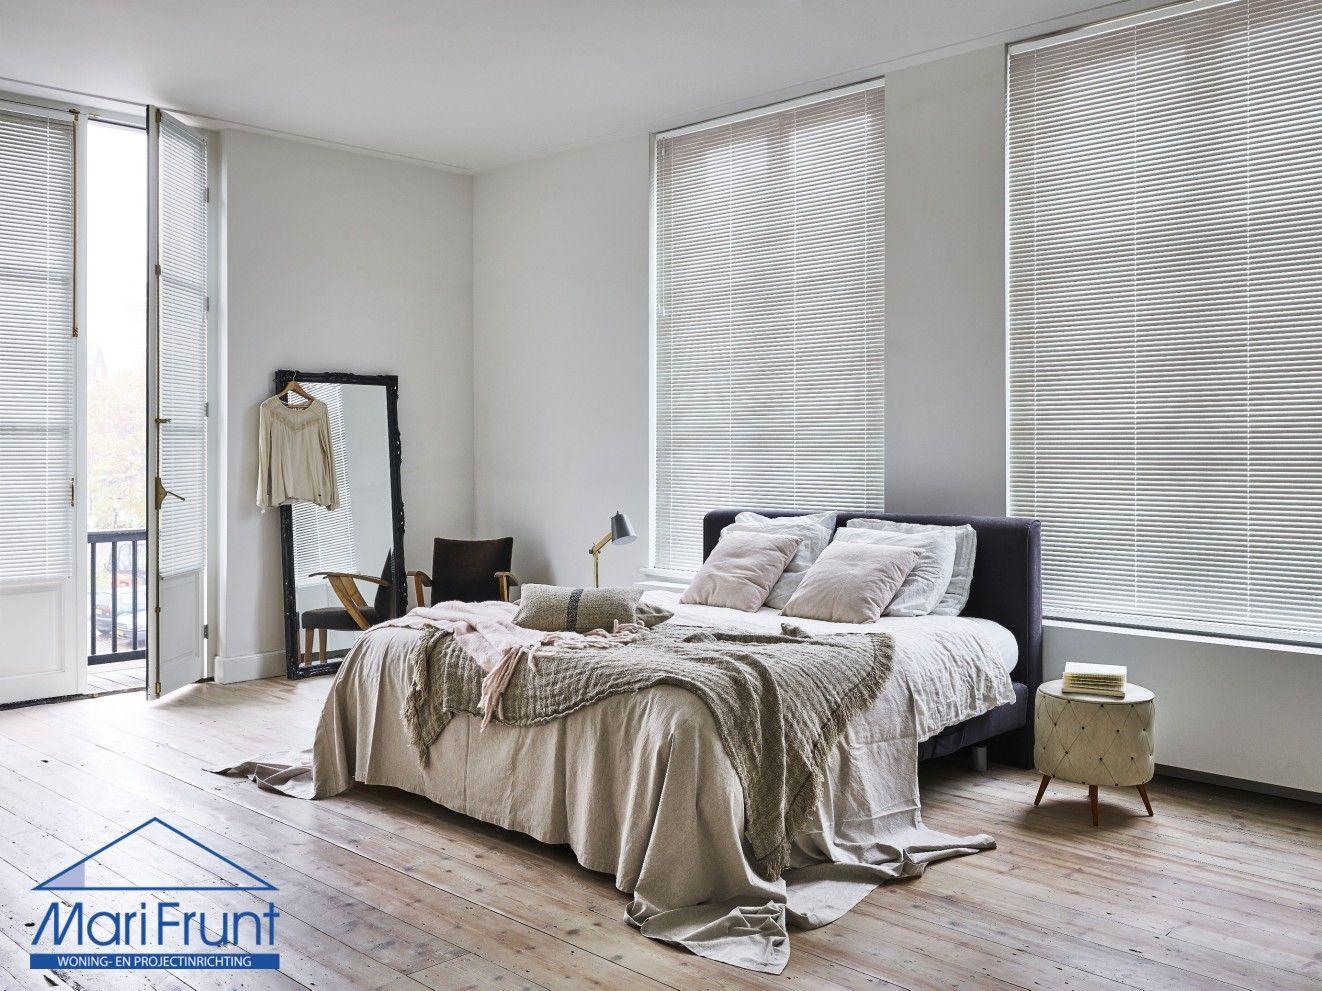 Raamdecoratie Slaapkamer » Raamdecoratie slaapkamer google zoeken ...